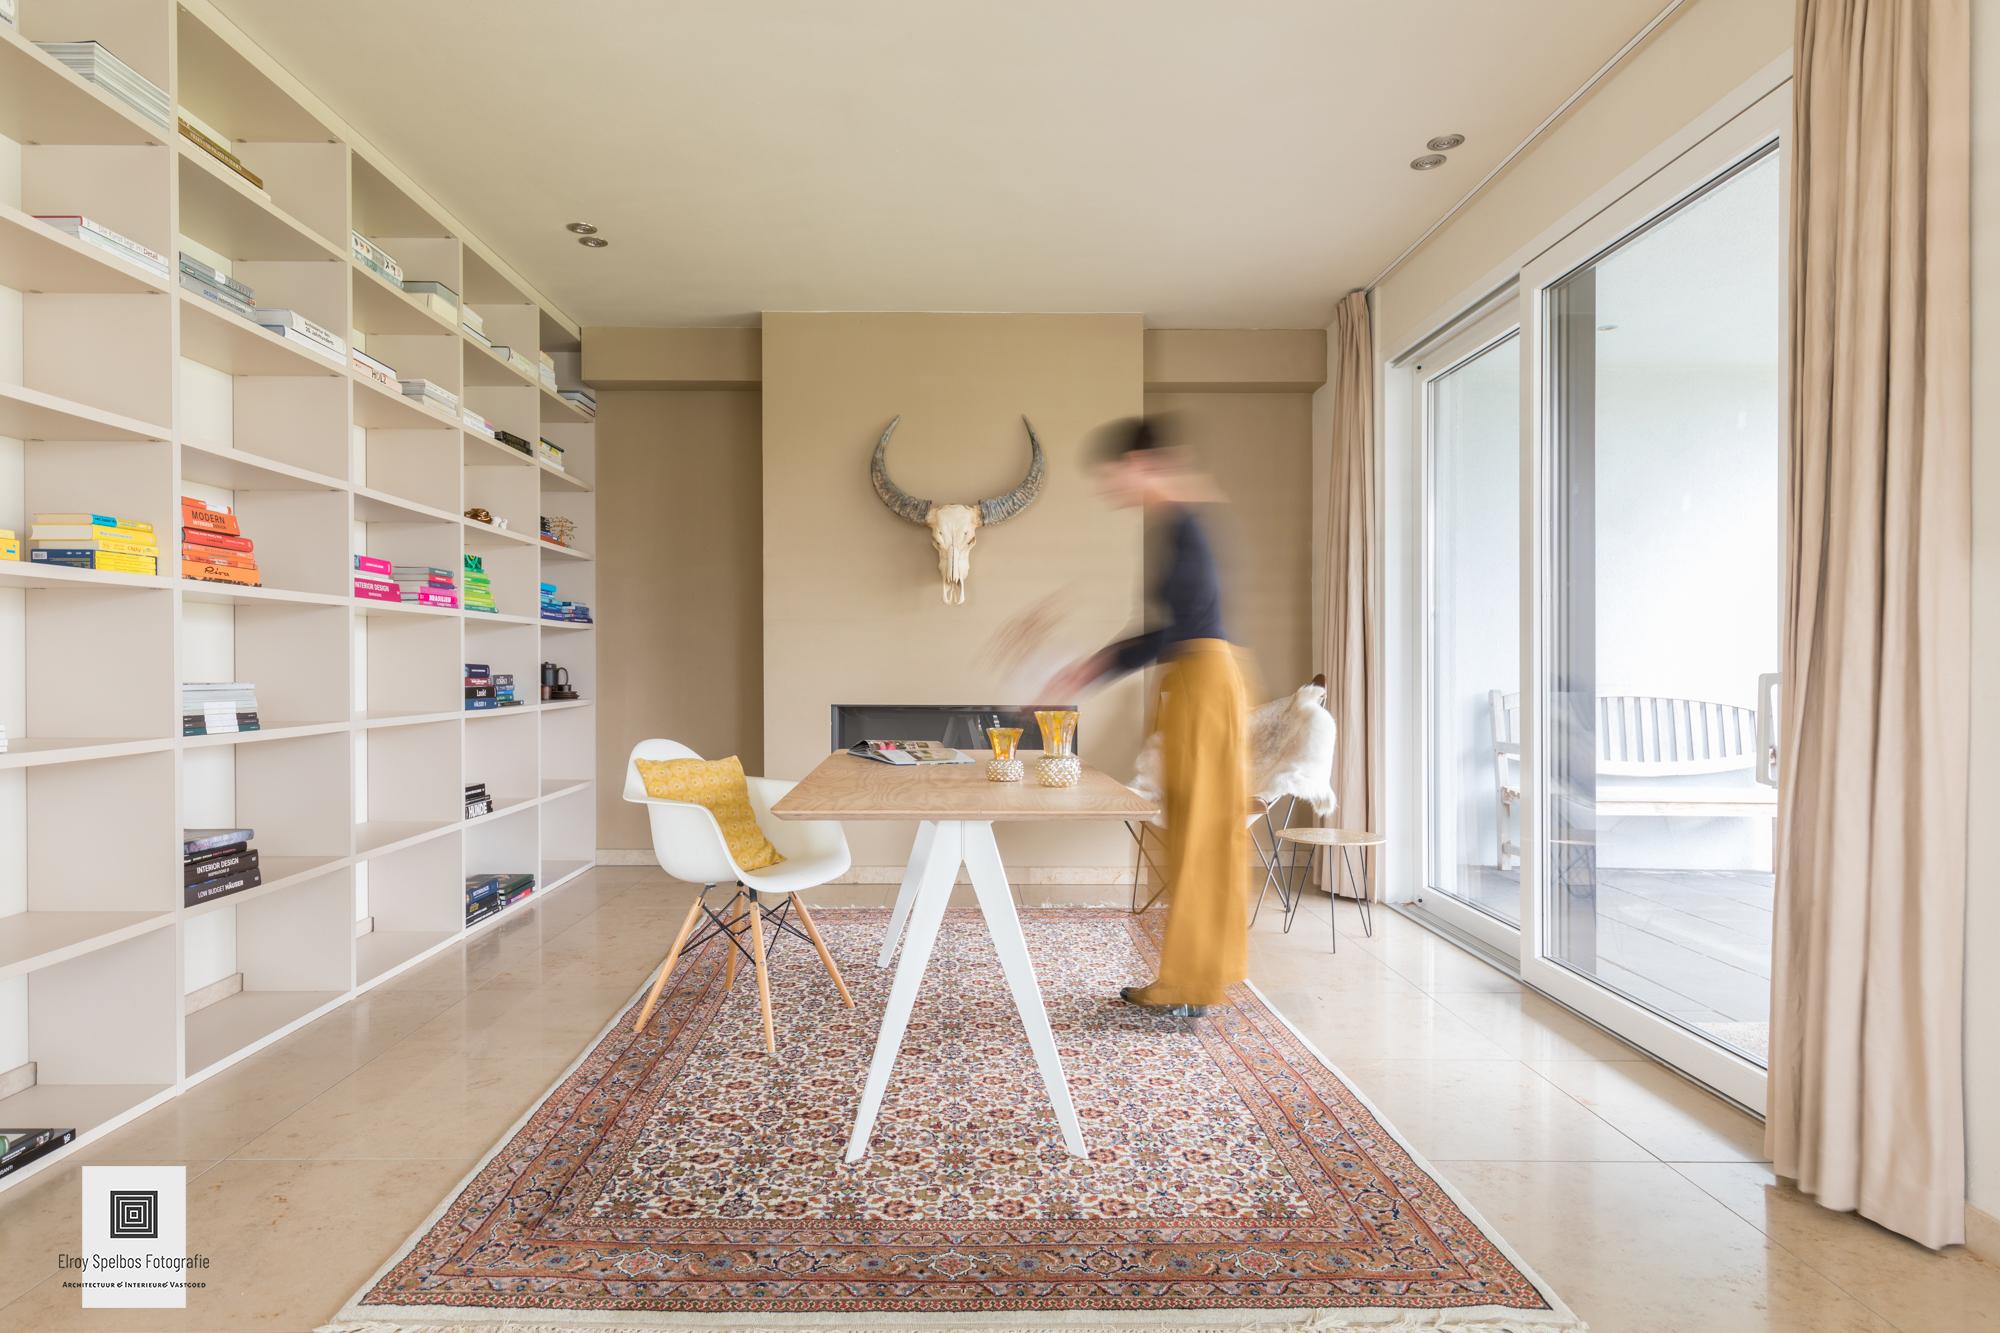 Interieurfoto met vastgoedstyliste in actie